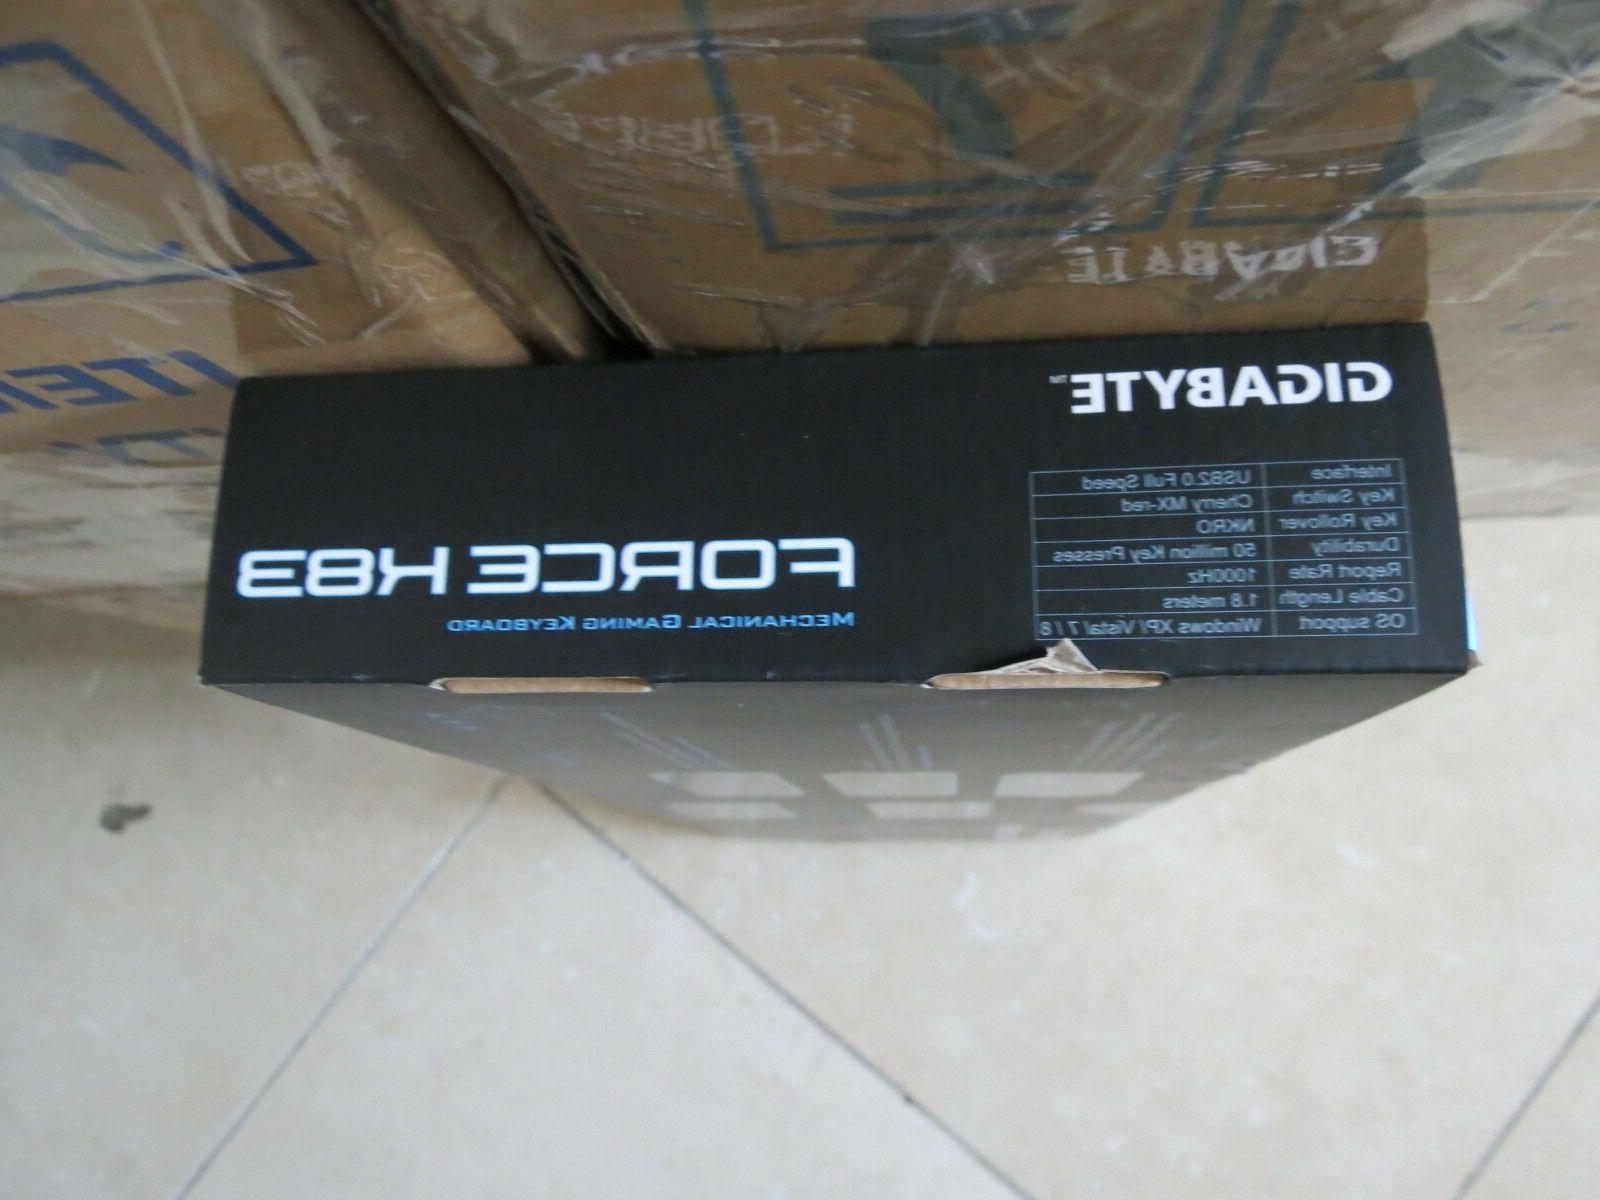 Genuine Gigabyte GK-FORCEK83 Mechanical US Red Keyboard